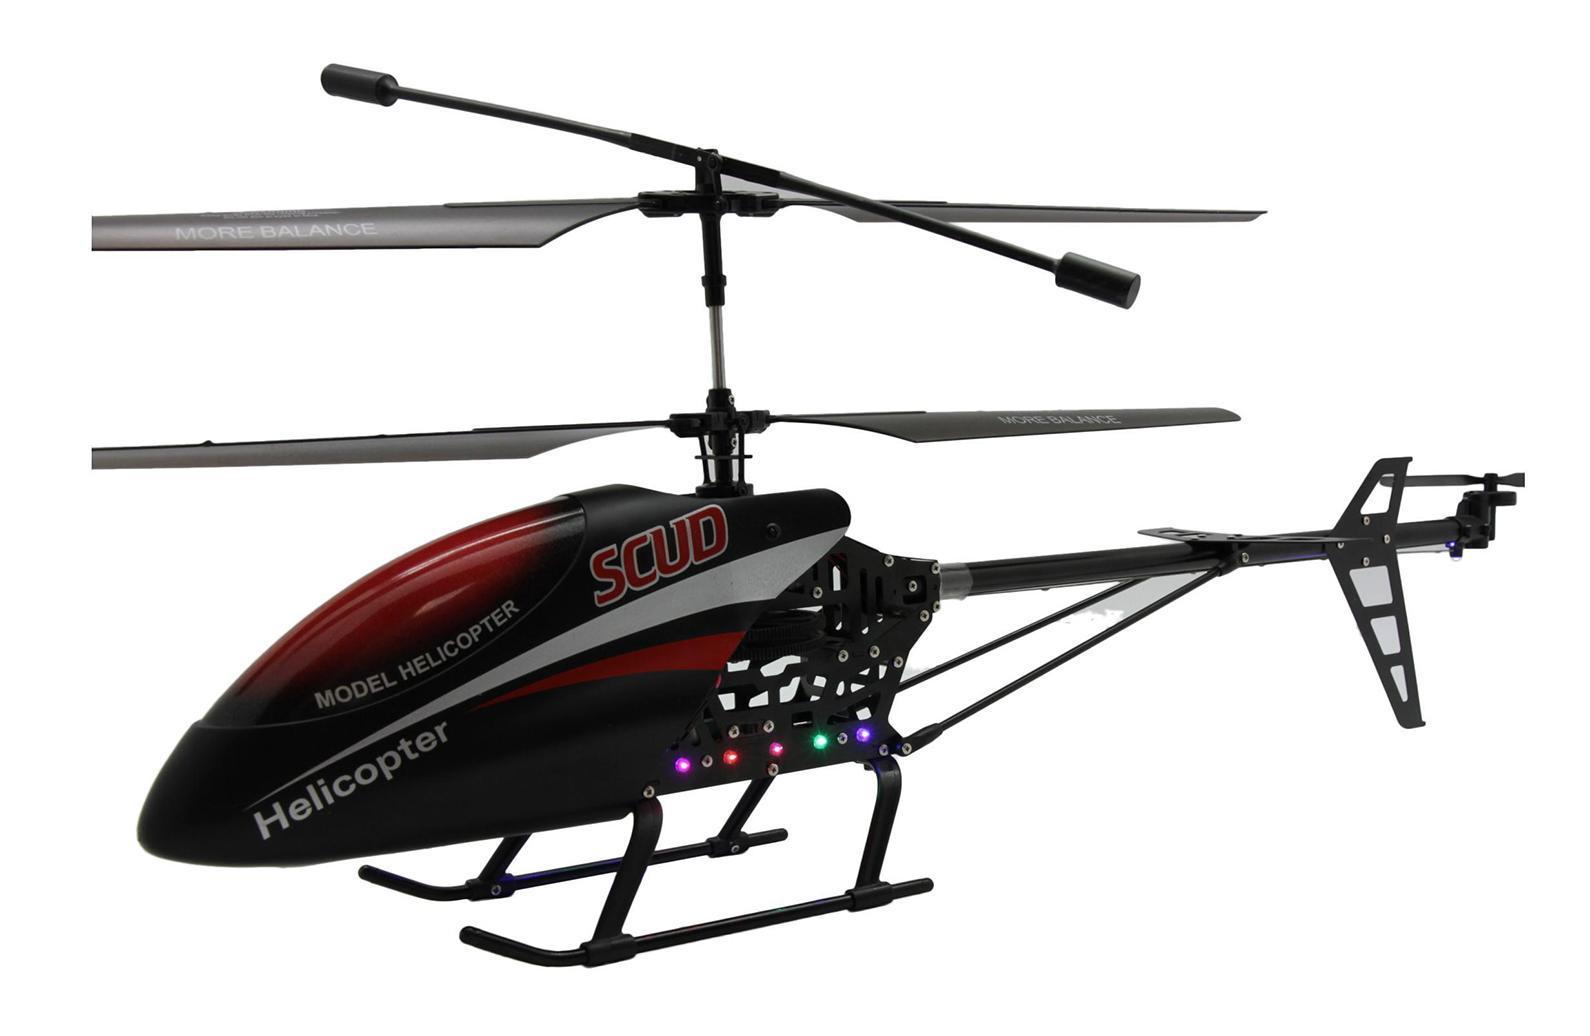 Balbi Вертолет на радиоуправлении FMH-081-BFMH-081-BДетям от 10 лет до 14 лет Вертолет Balbi - яркая, реалистичная радиоуправляемая модель вертолета, ценное приобретение как для ребенка, так и для взрослого. Игра с этой замечательной моделью станет захватывающим приключением. Вертолет имеет функции полета: вверх вниз, вперед назад, поворот влево вправо, вращение влево вправо, поворот на 360 градусов. Благодаря гироскопу, который стабилизирует полет и помогает вертолету держать заданный курс, игрушка становится более послушной в управлении. Игрушка оснащена мигающими огнями. Для работы пульта управления требуются батарейки: 4xАА (не входят в комплект). Время игры: до 10 мин.